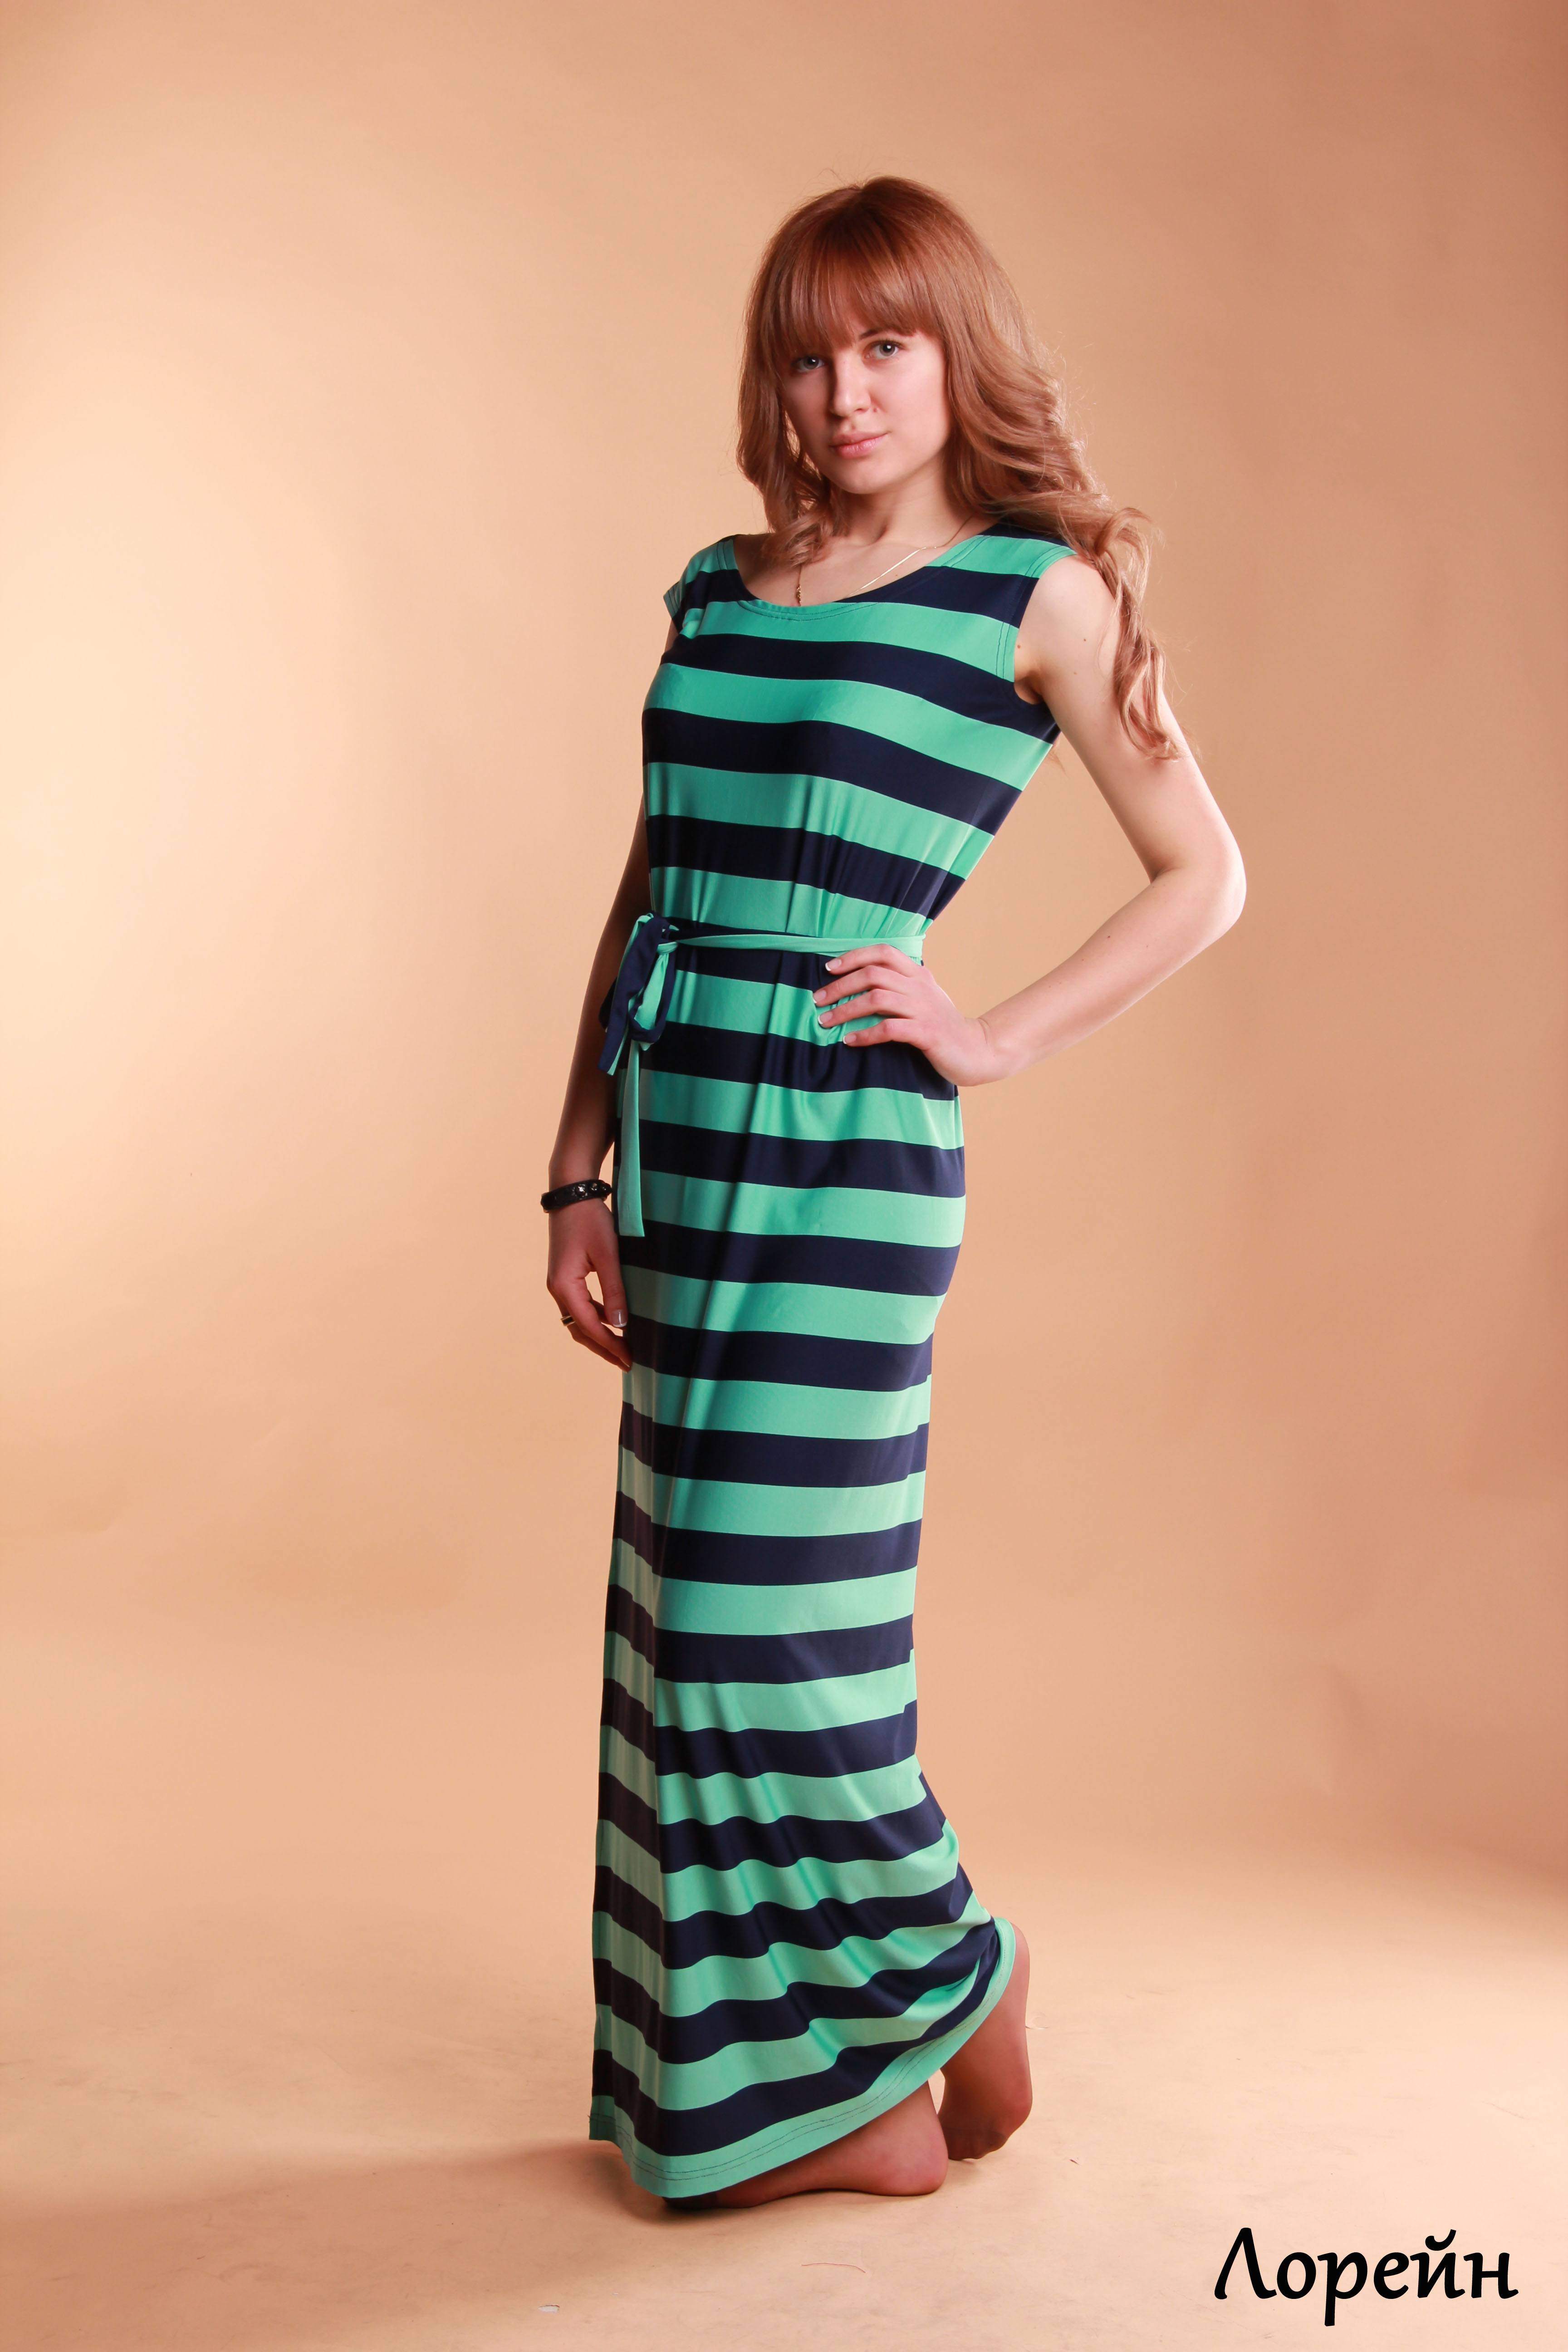 Лорейн платье